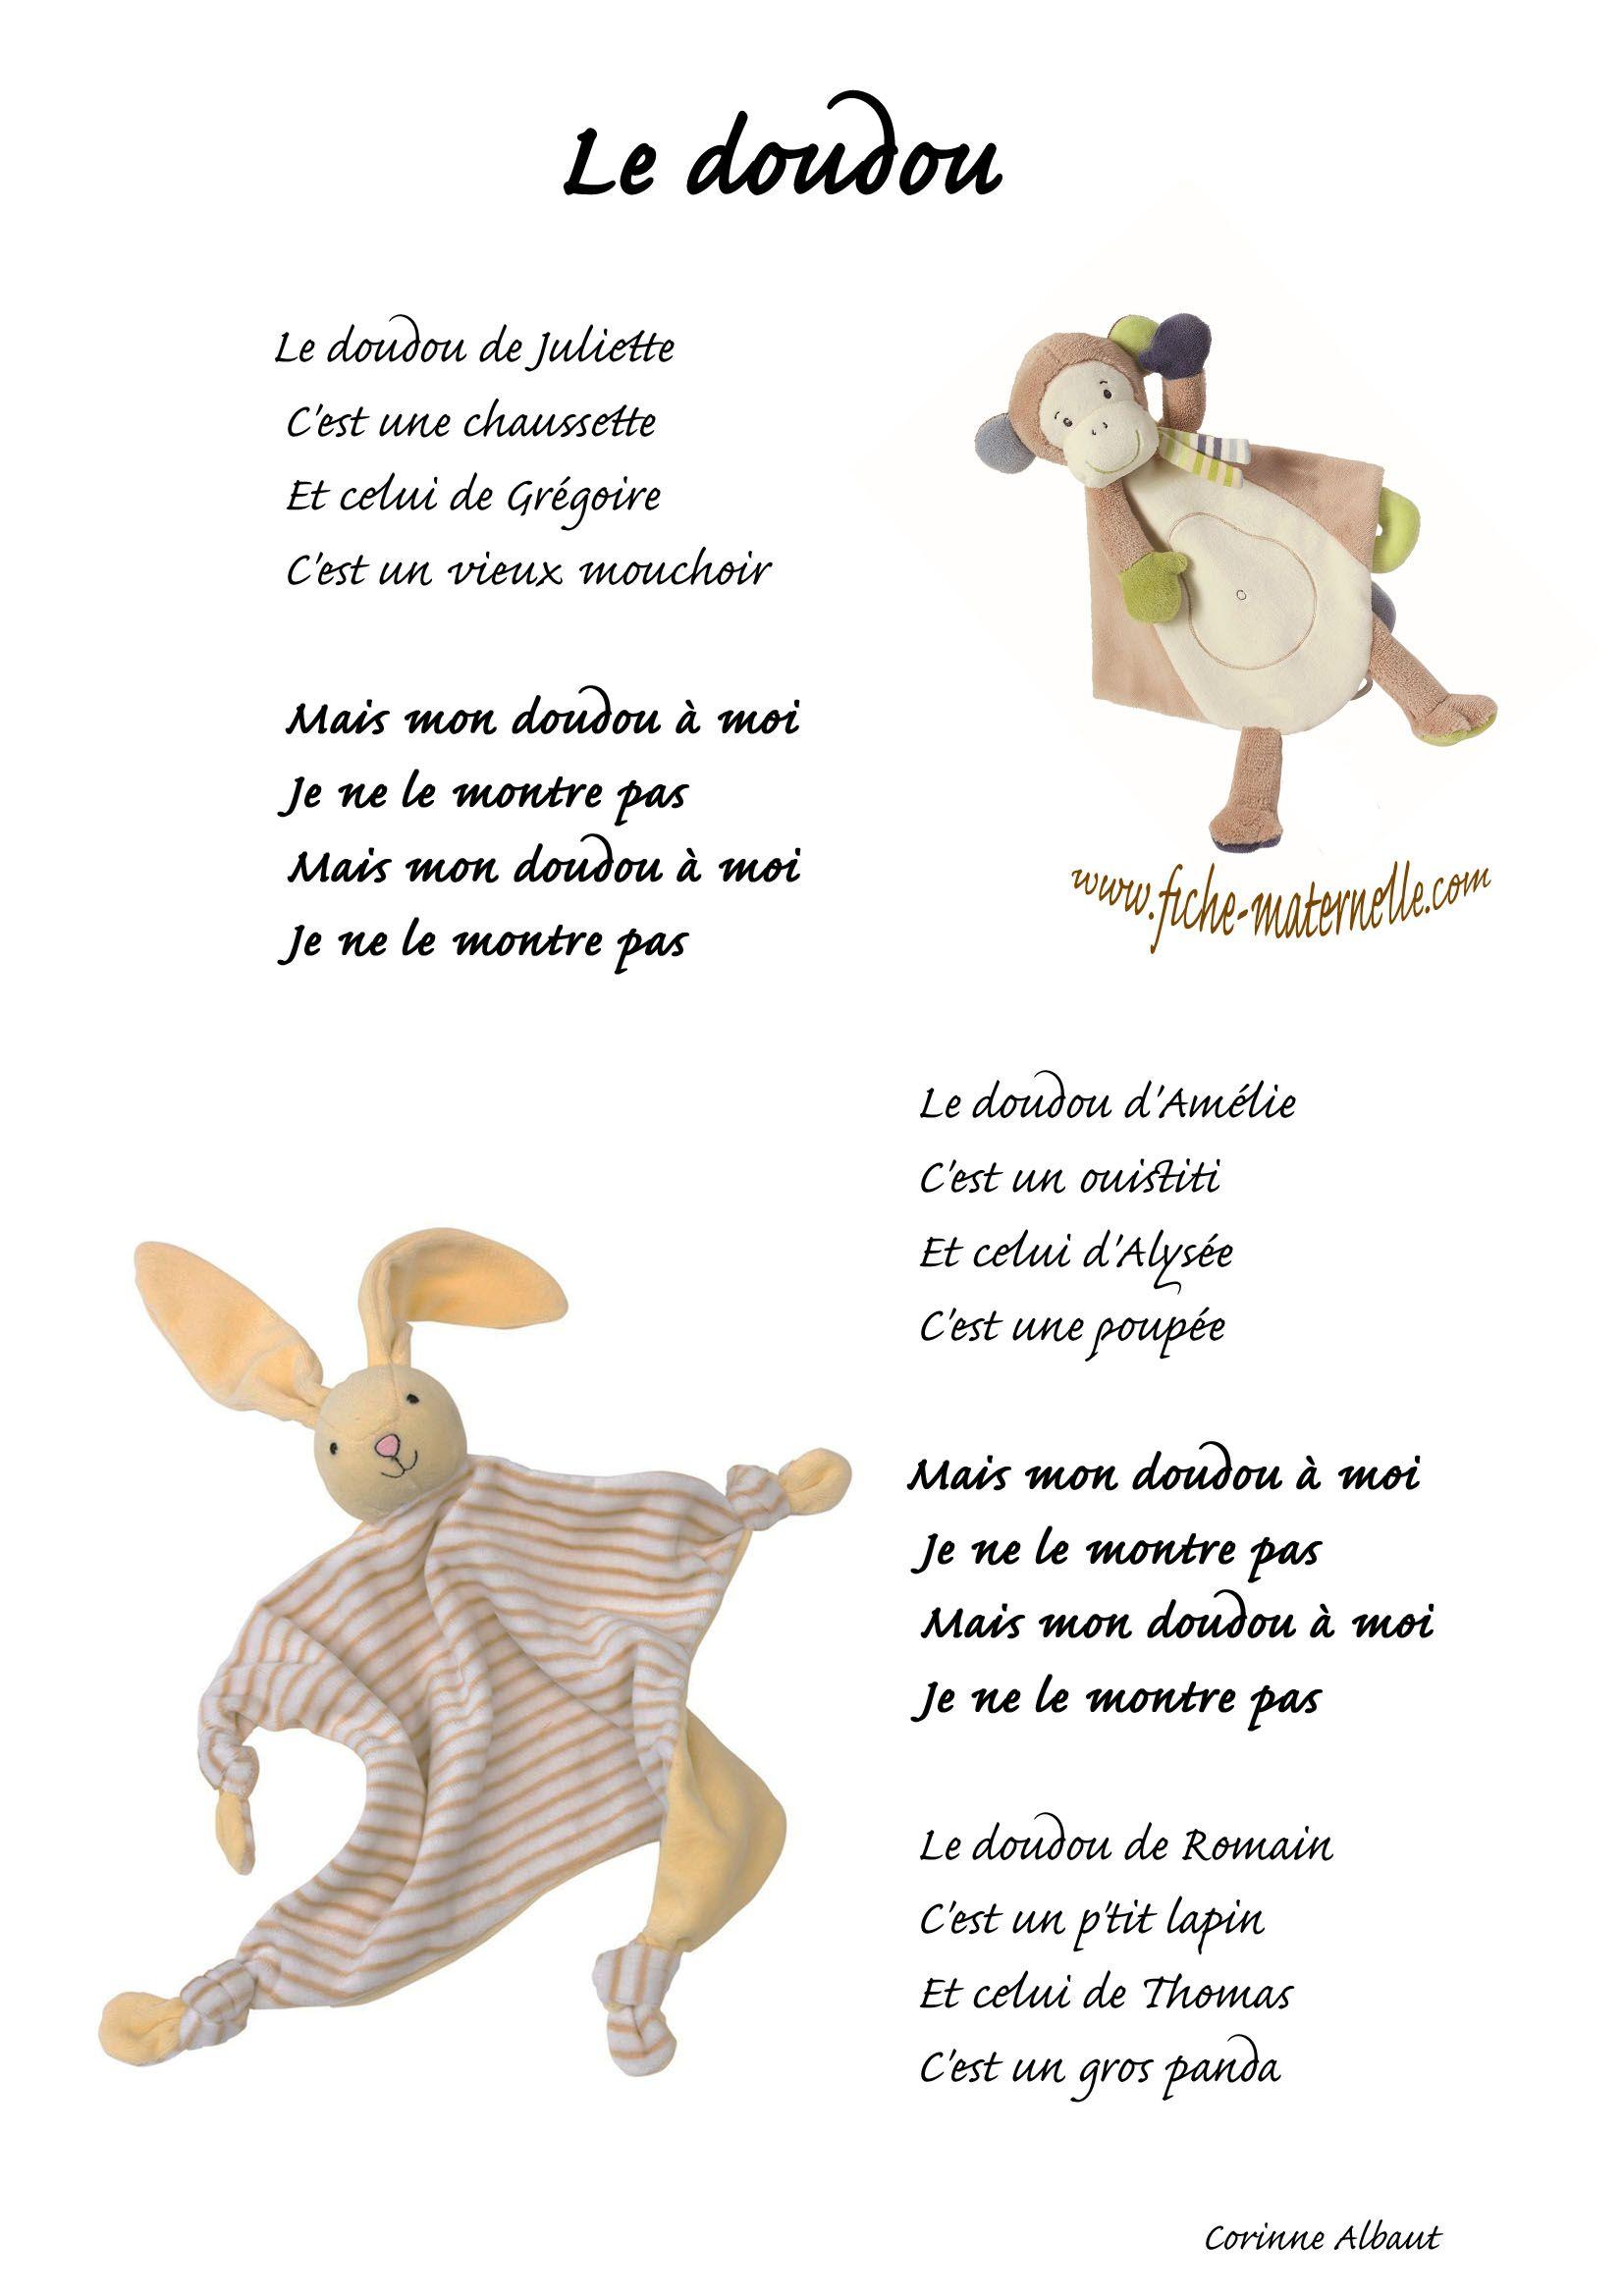 Chanson Le Doudou Comptines Chanson Enfantine Comptines Enfants